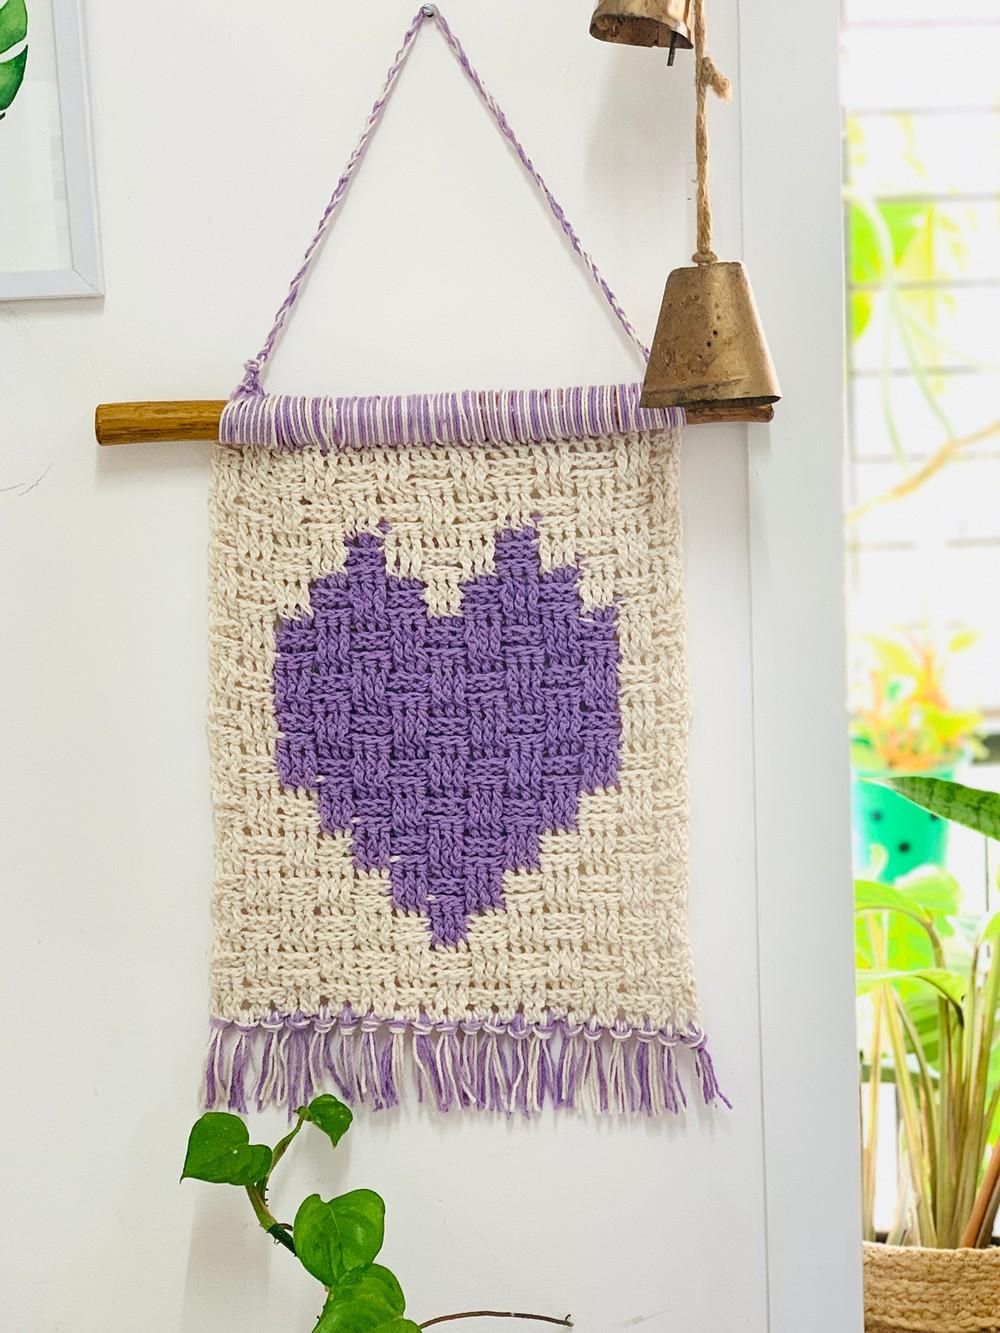 Free Crochet Heart In A Basket Wall Hanging